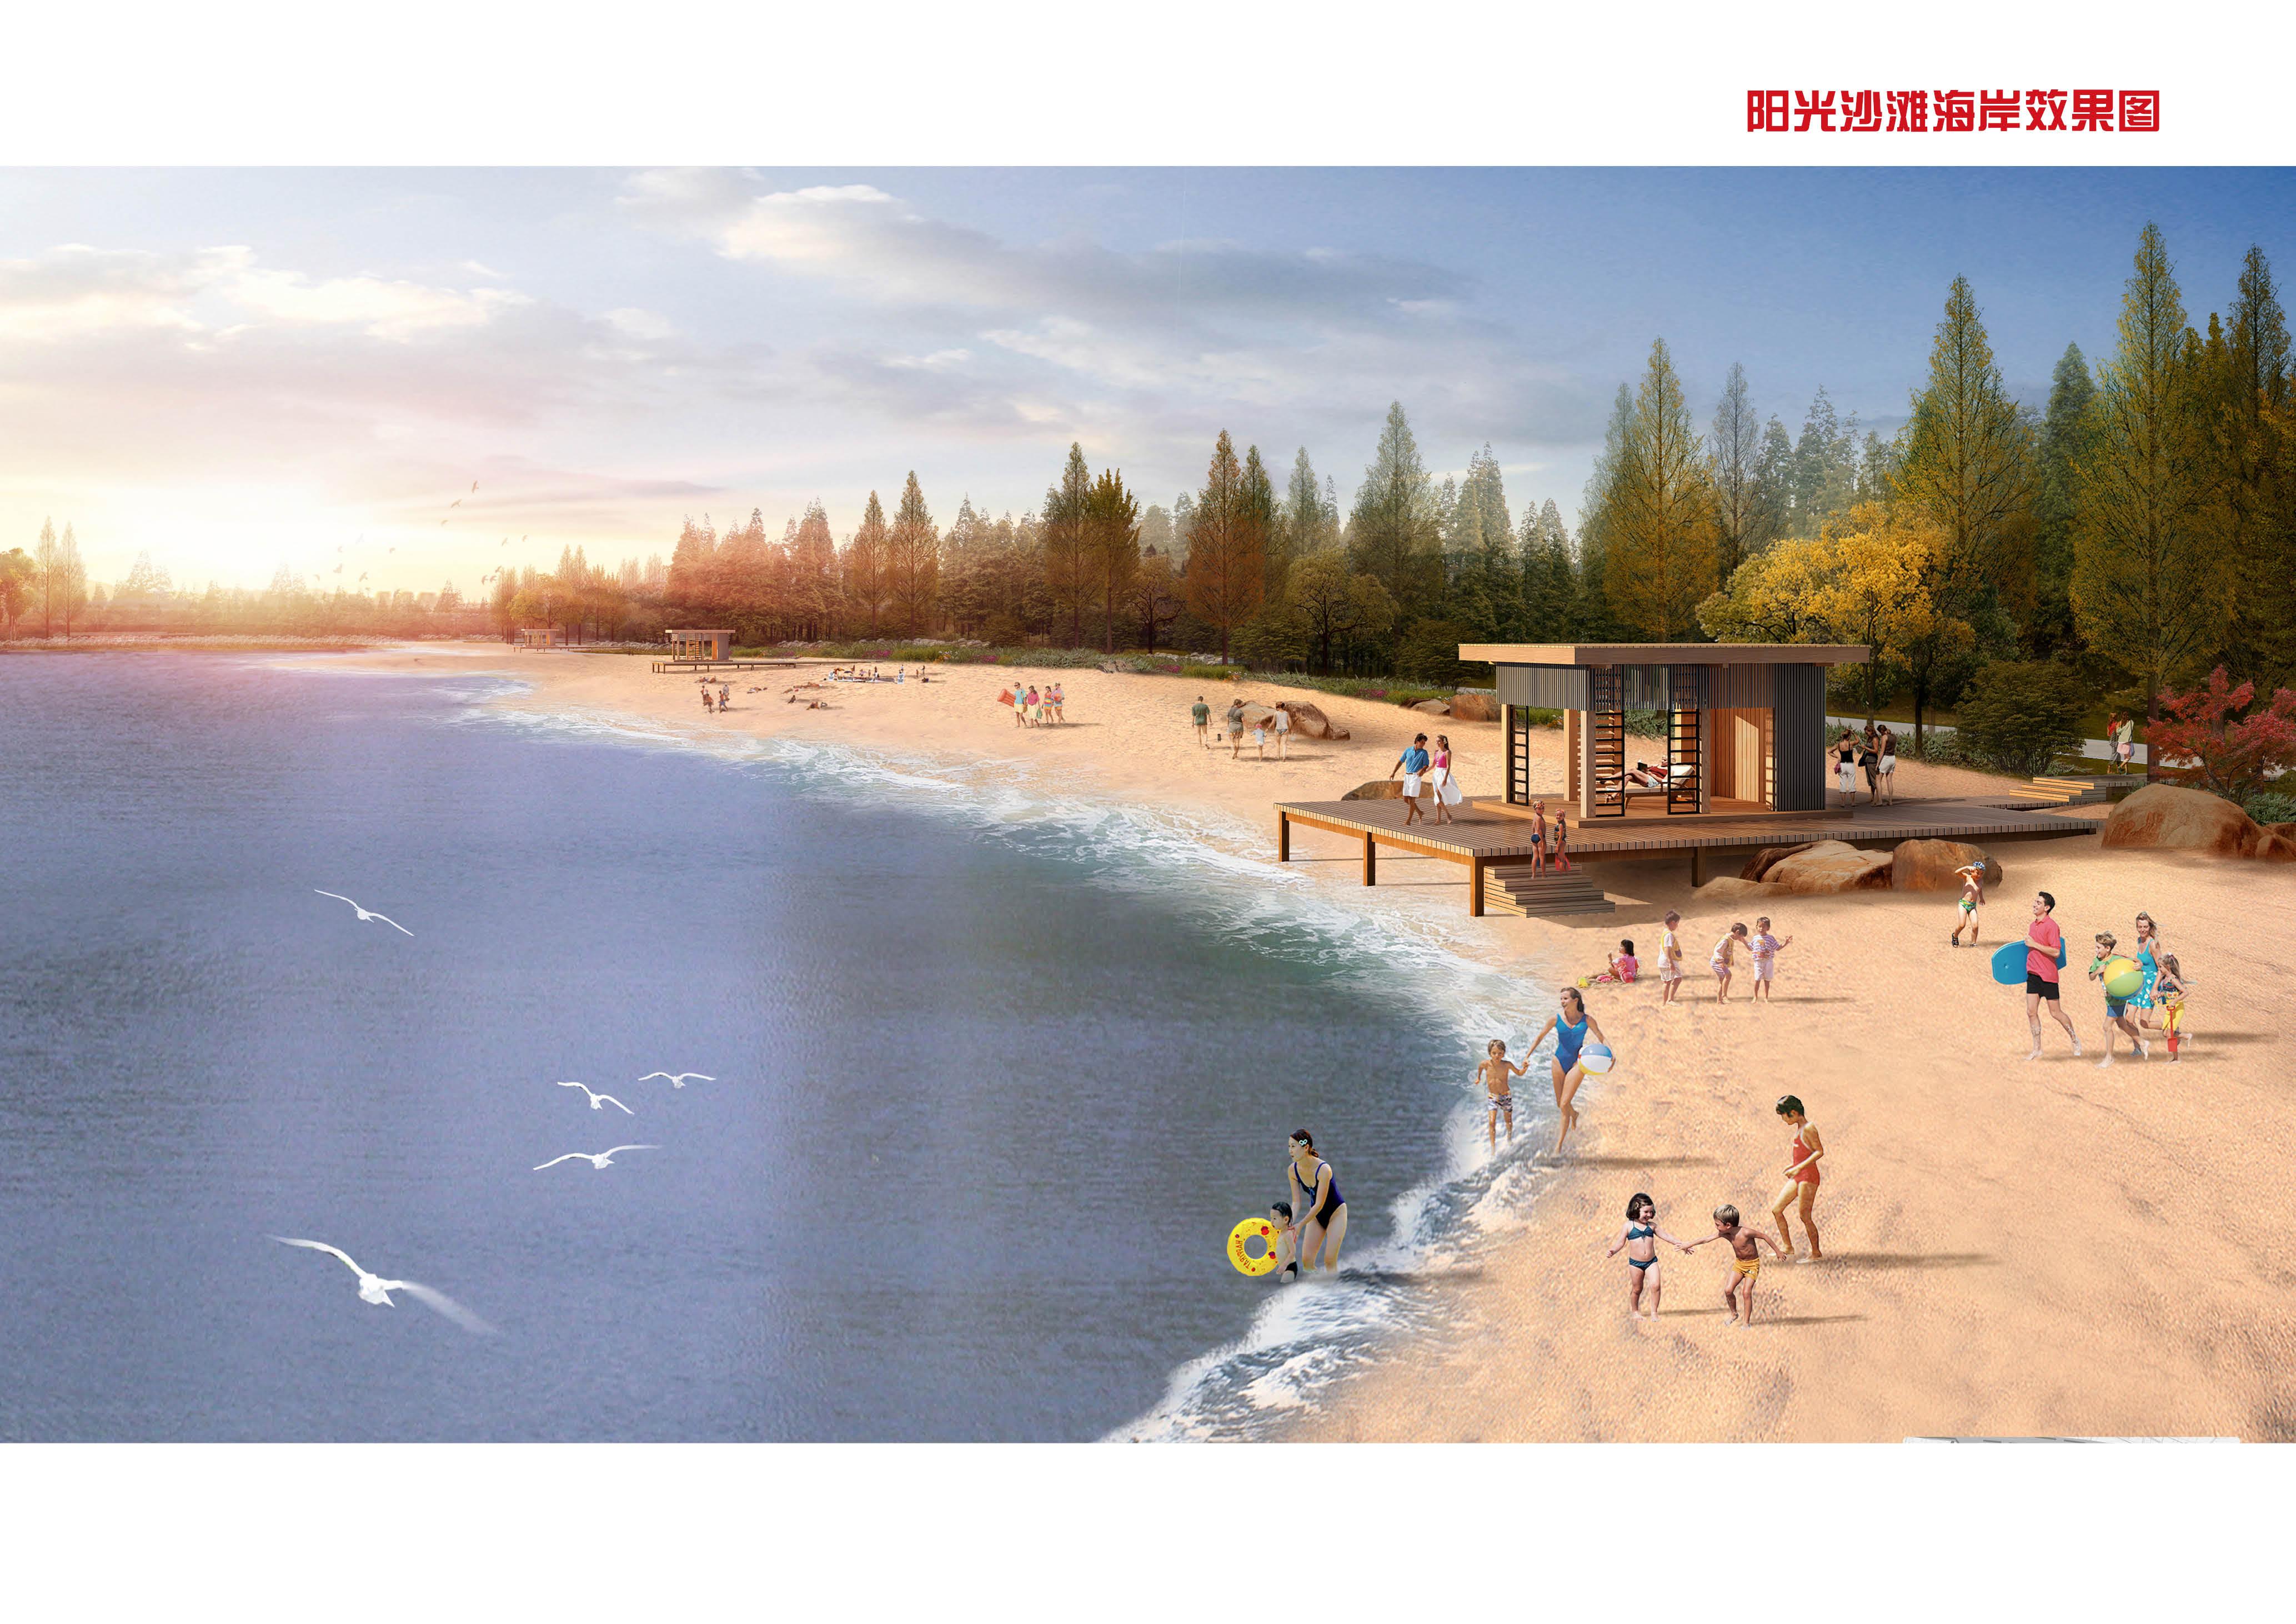 洋口港开发区海洋主题公园-洋口港开发区海洋主题公园景观设计99